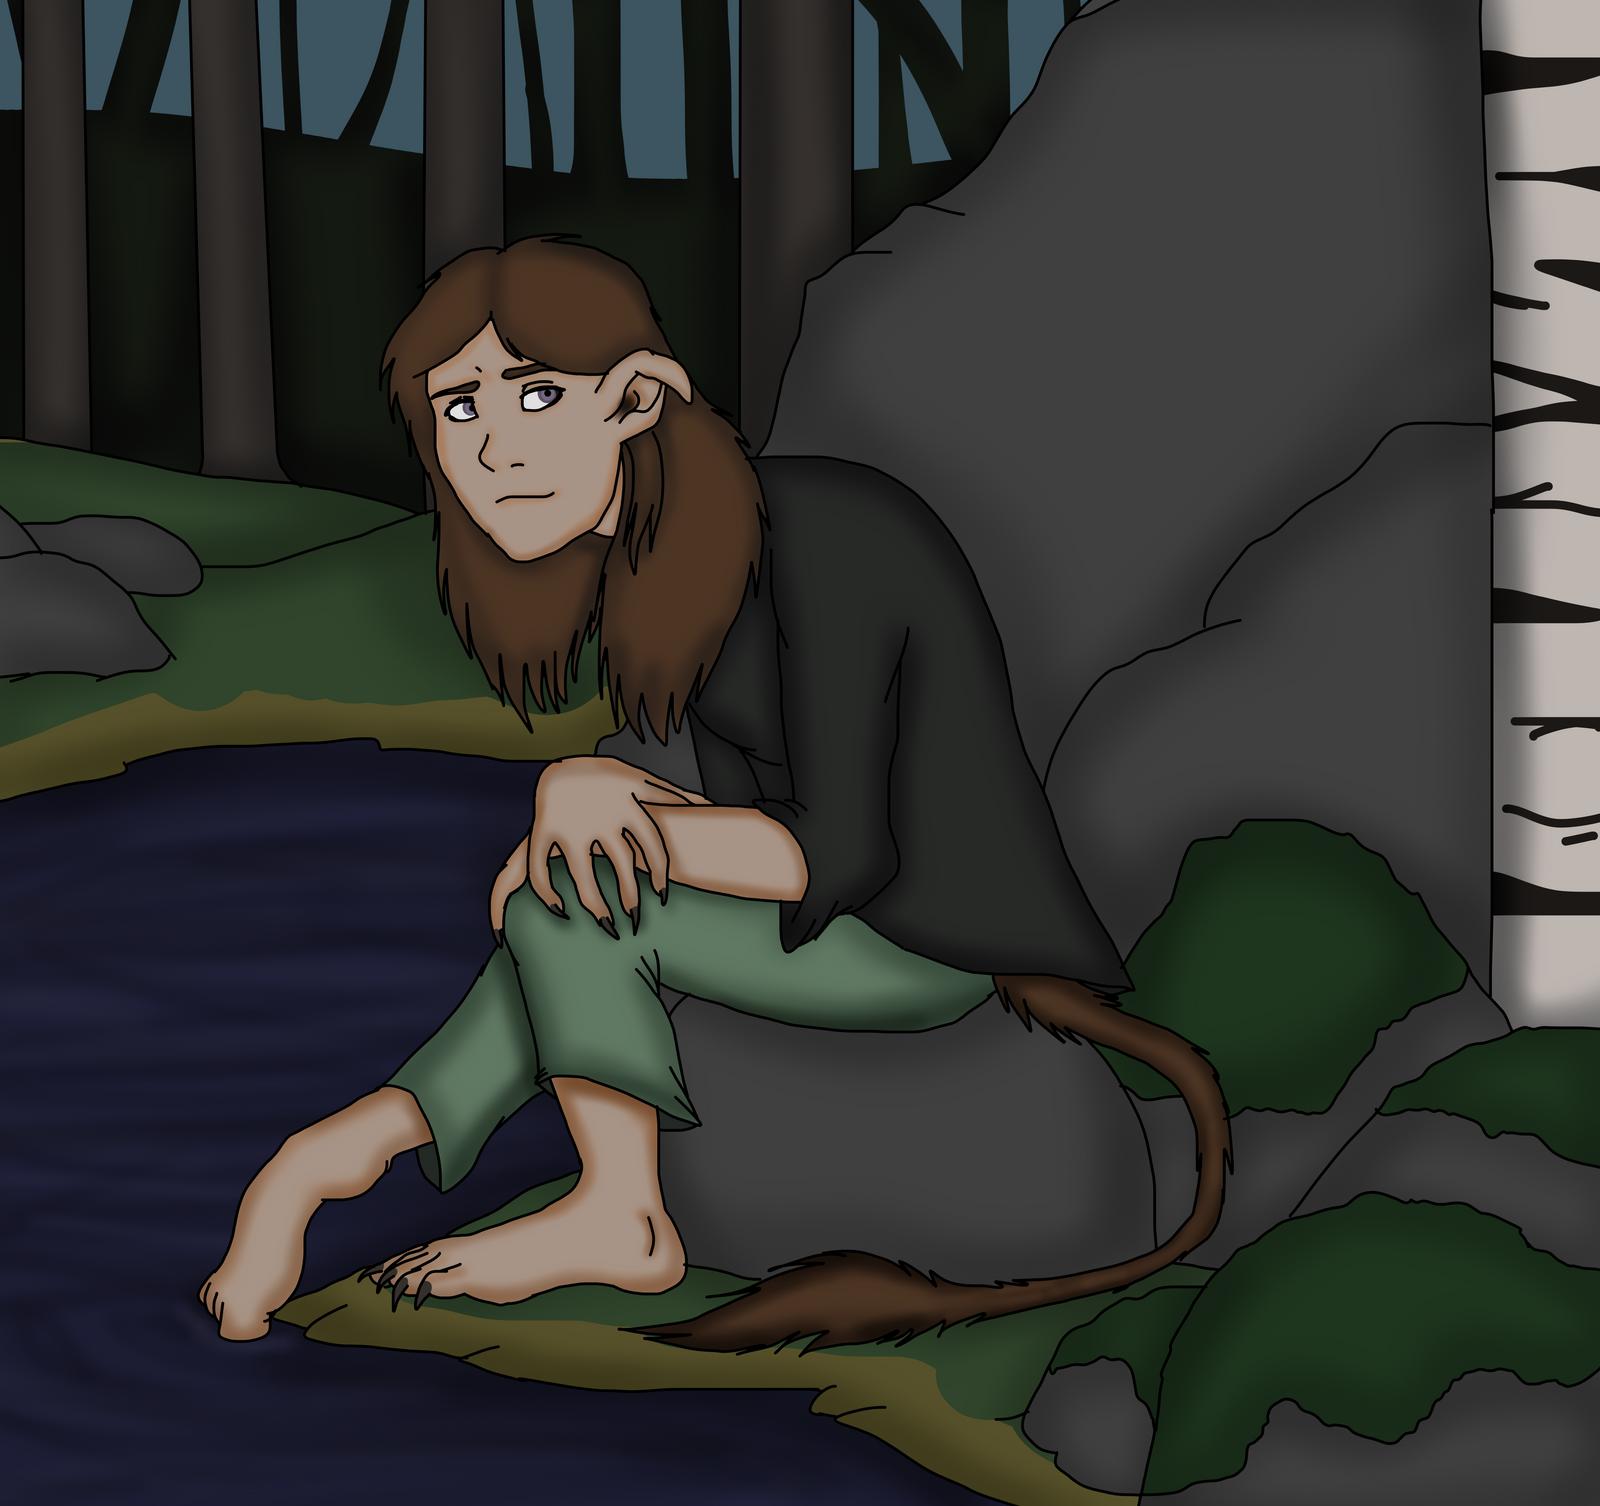 Folklore/Mythology persona: Troll by Redspets